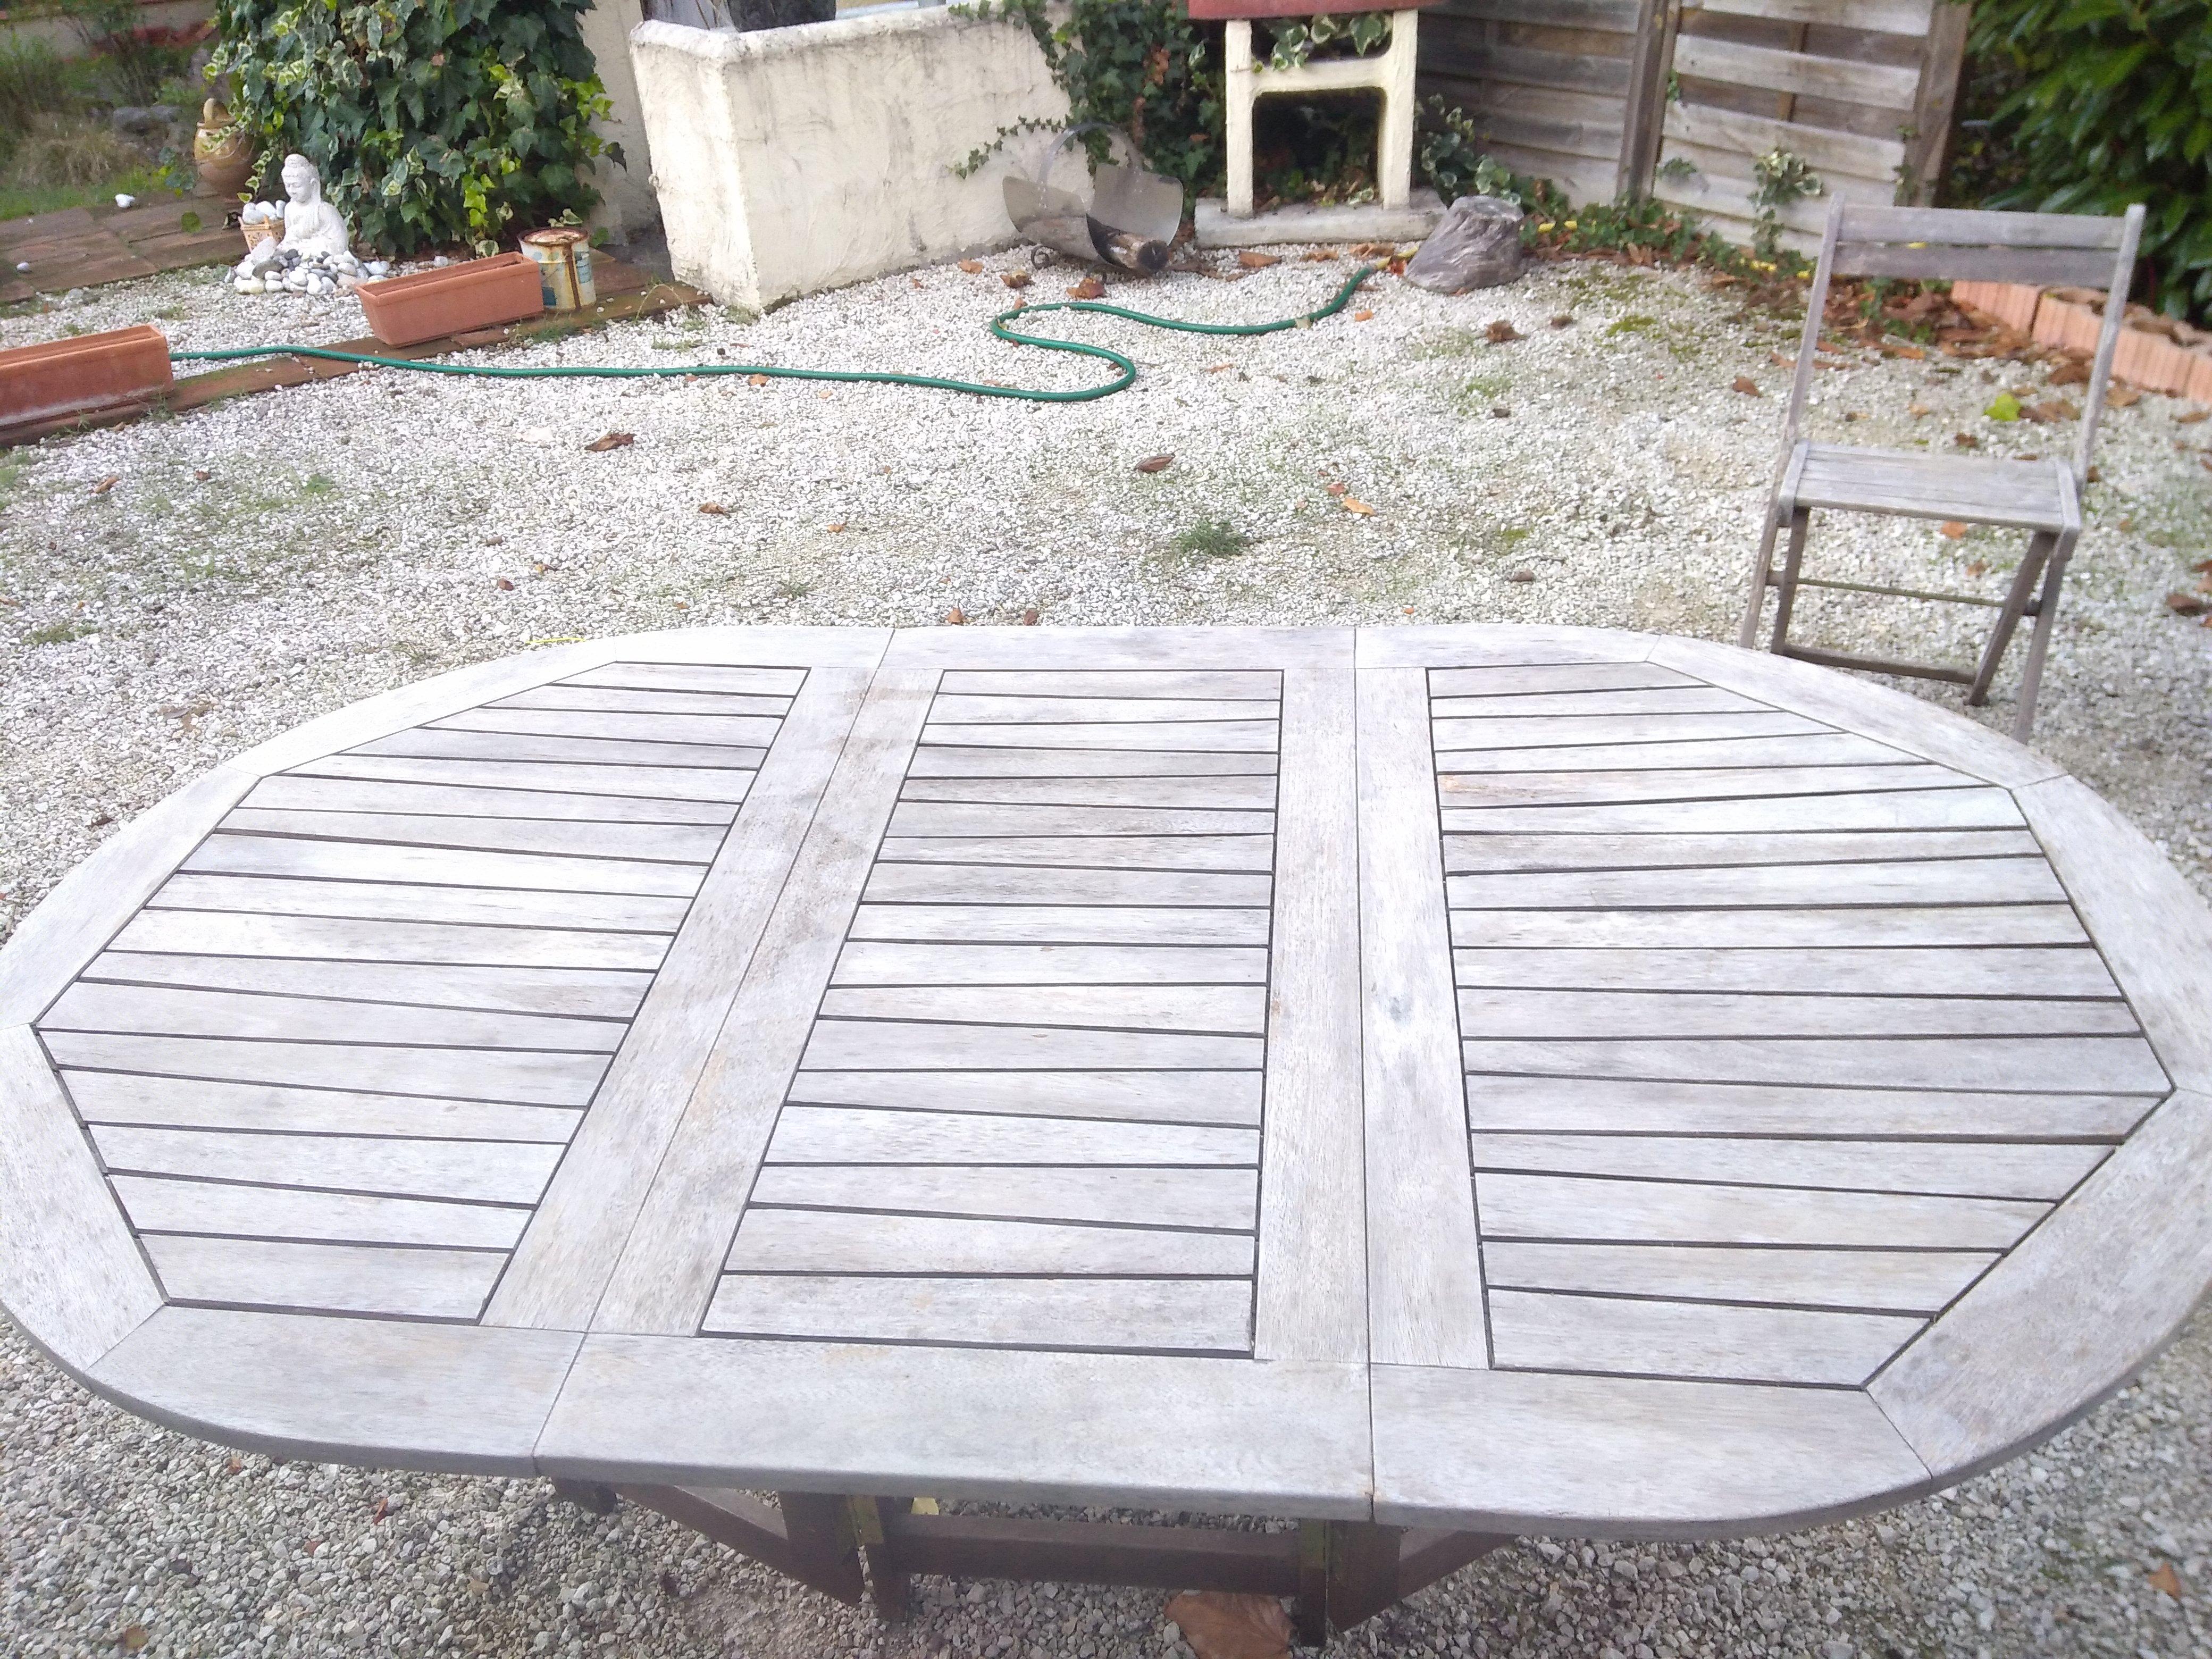 dégrisement d'une table en bois exotique avant remise en peinture